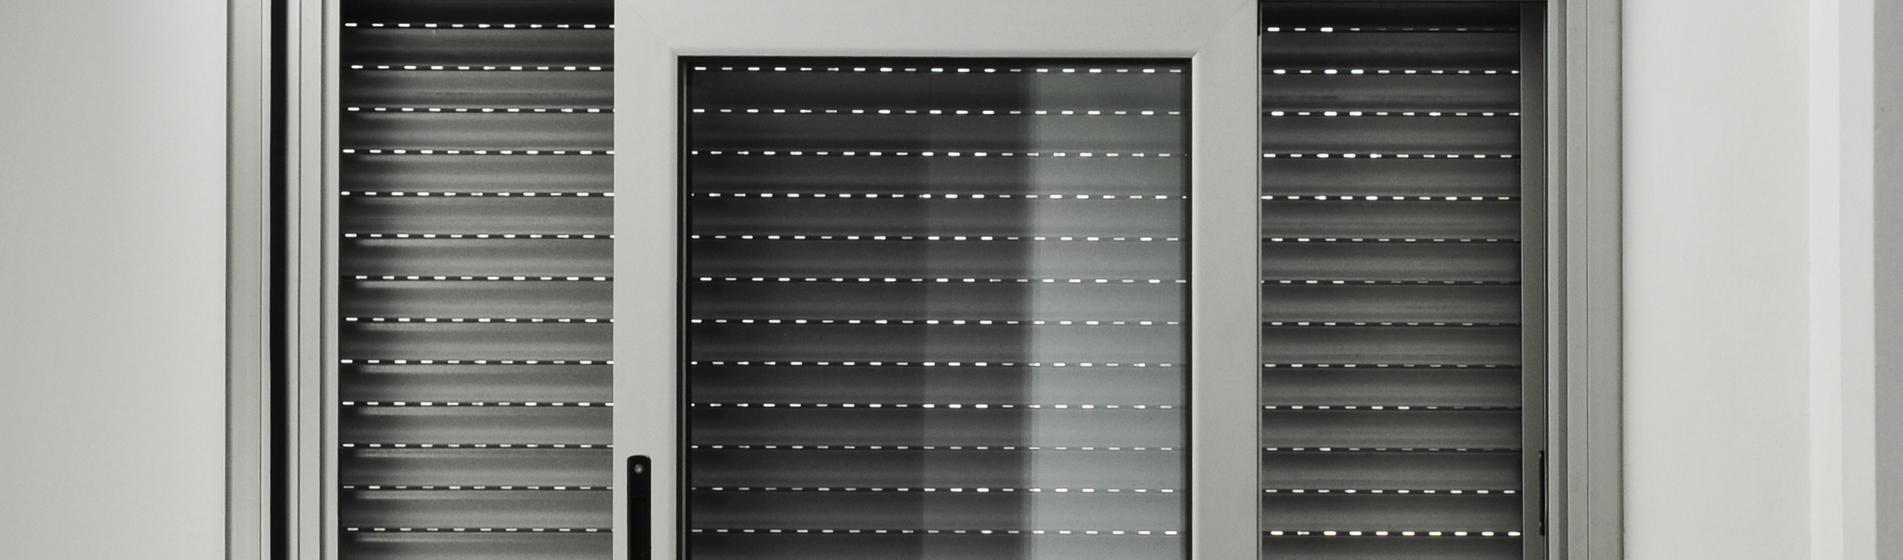 rénovation fenêtre alu sur-mesure 30 Gard